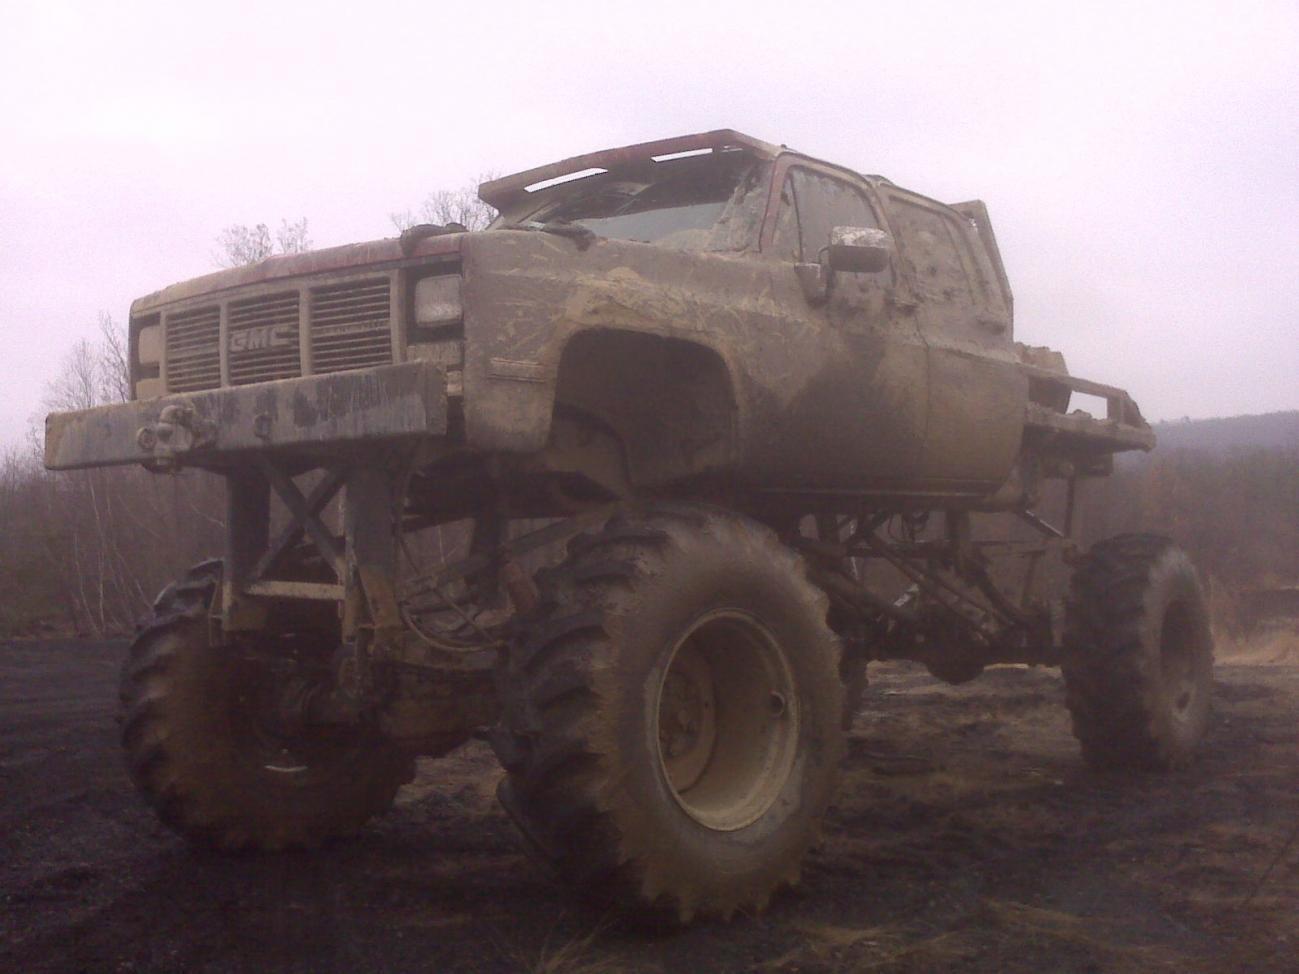 Jeepin in pa.-trevorton-april-11-front.jpg